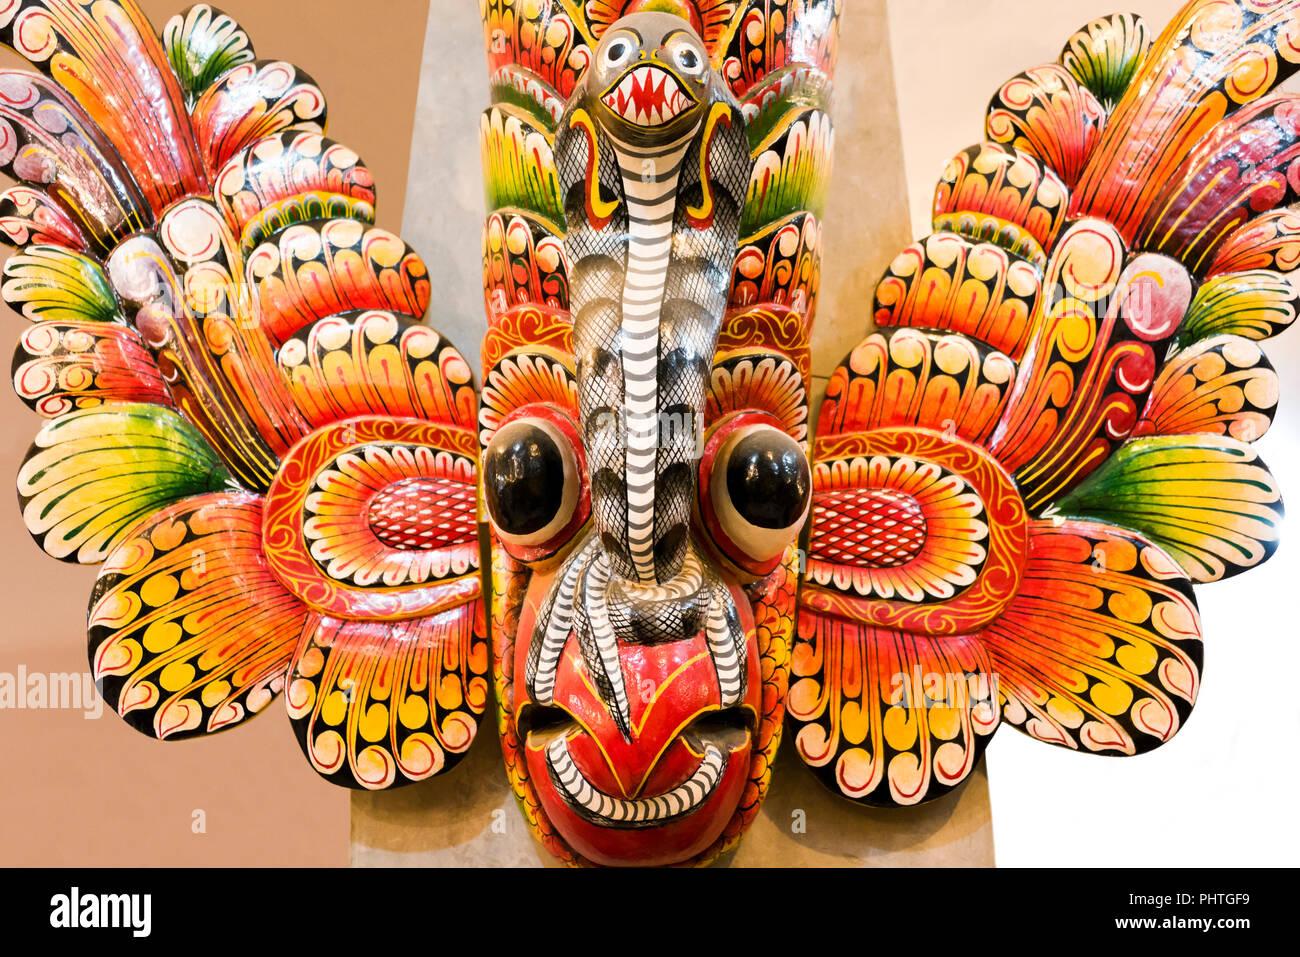 Cierre horizontal de una máscara tradicional de Sri Lanka. Imagen De Stock